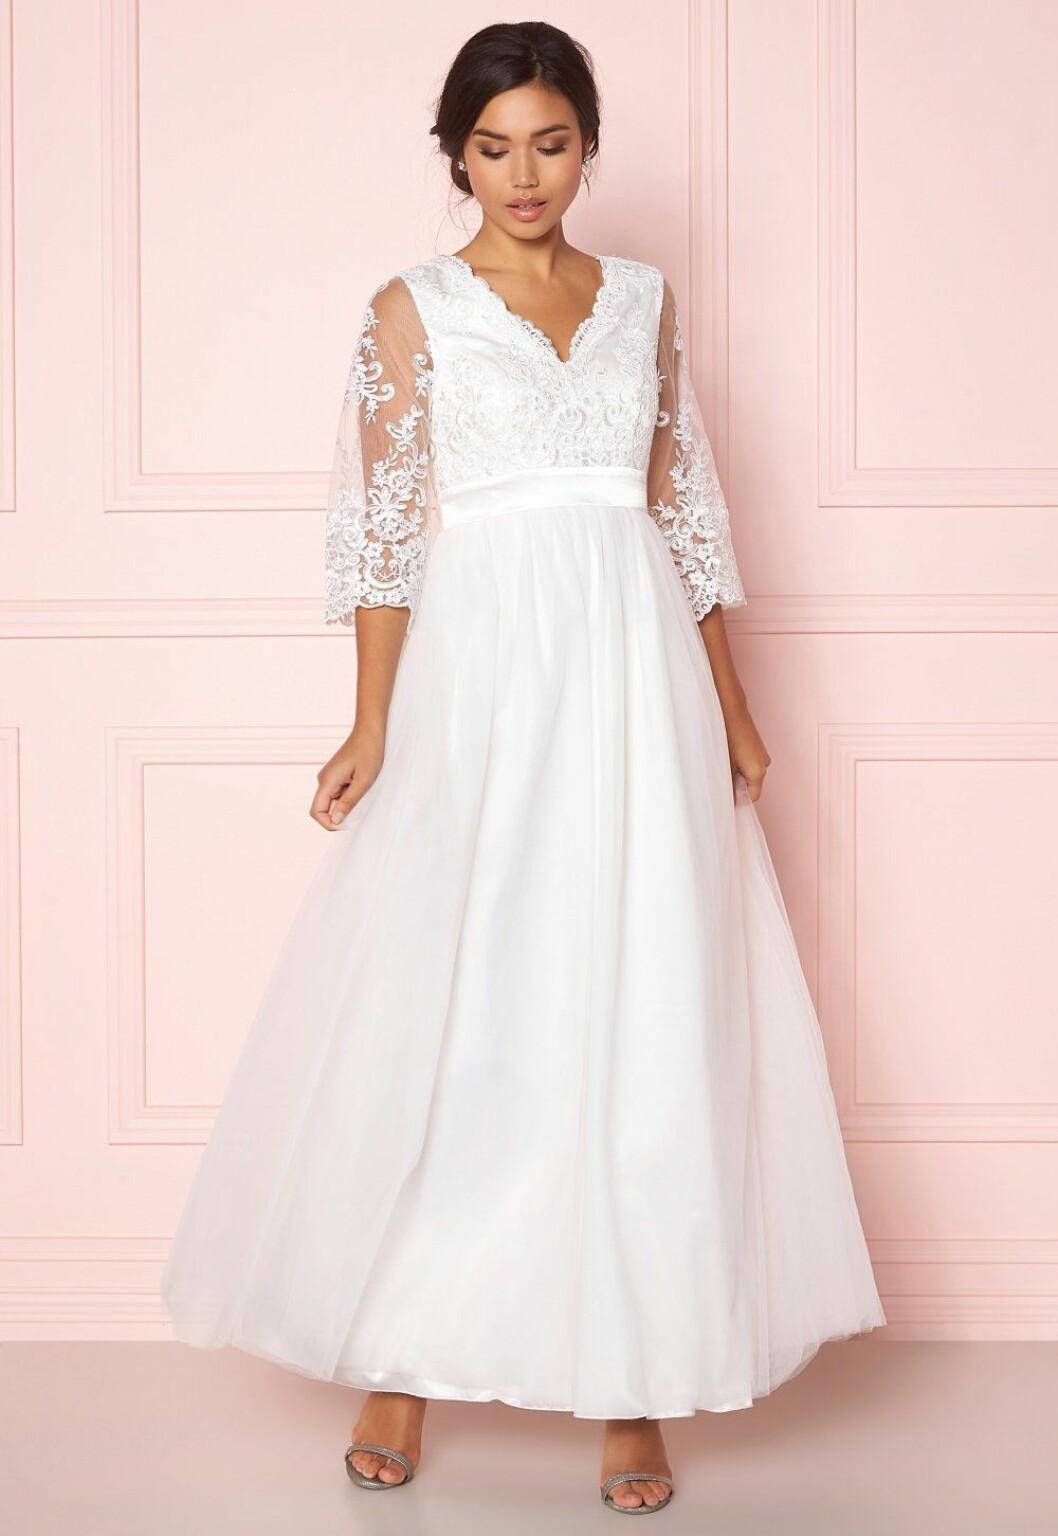 Vit billig brudklänning med spets till 2020